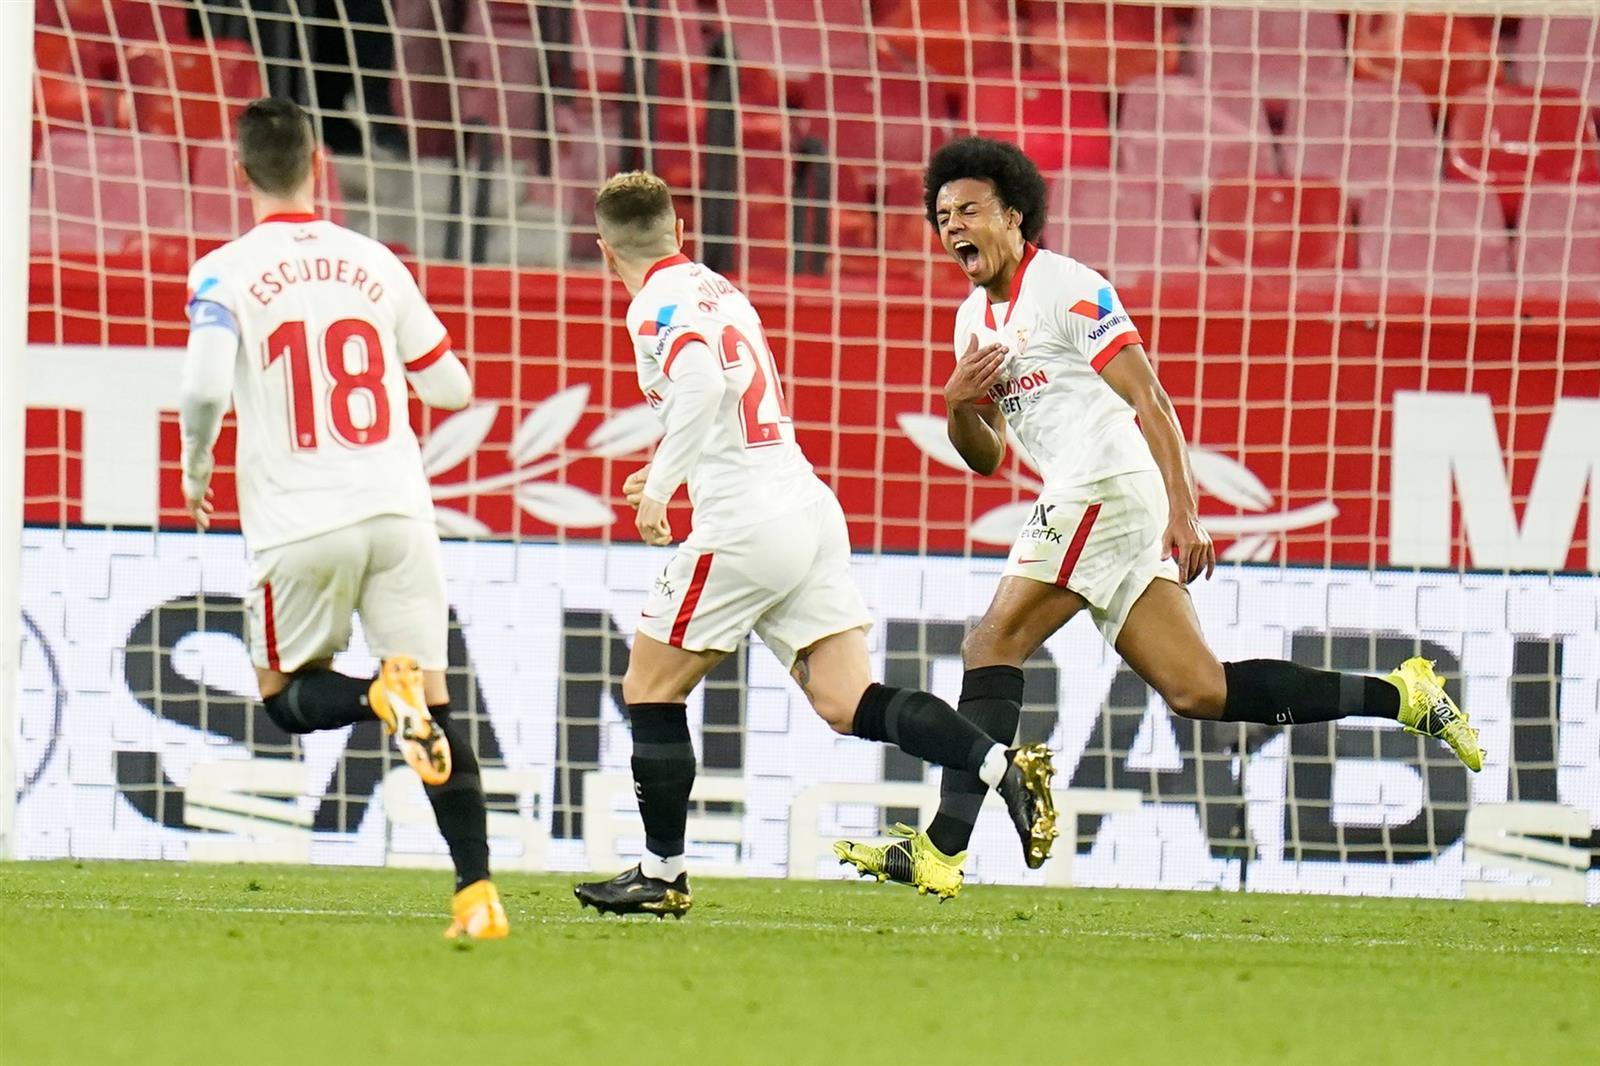 إشبيلية يفوز على برشلونة بثنائية في ذهاب نصف نهائي كأس إسبانيا